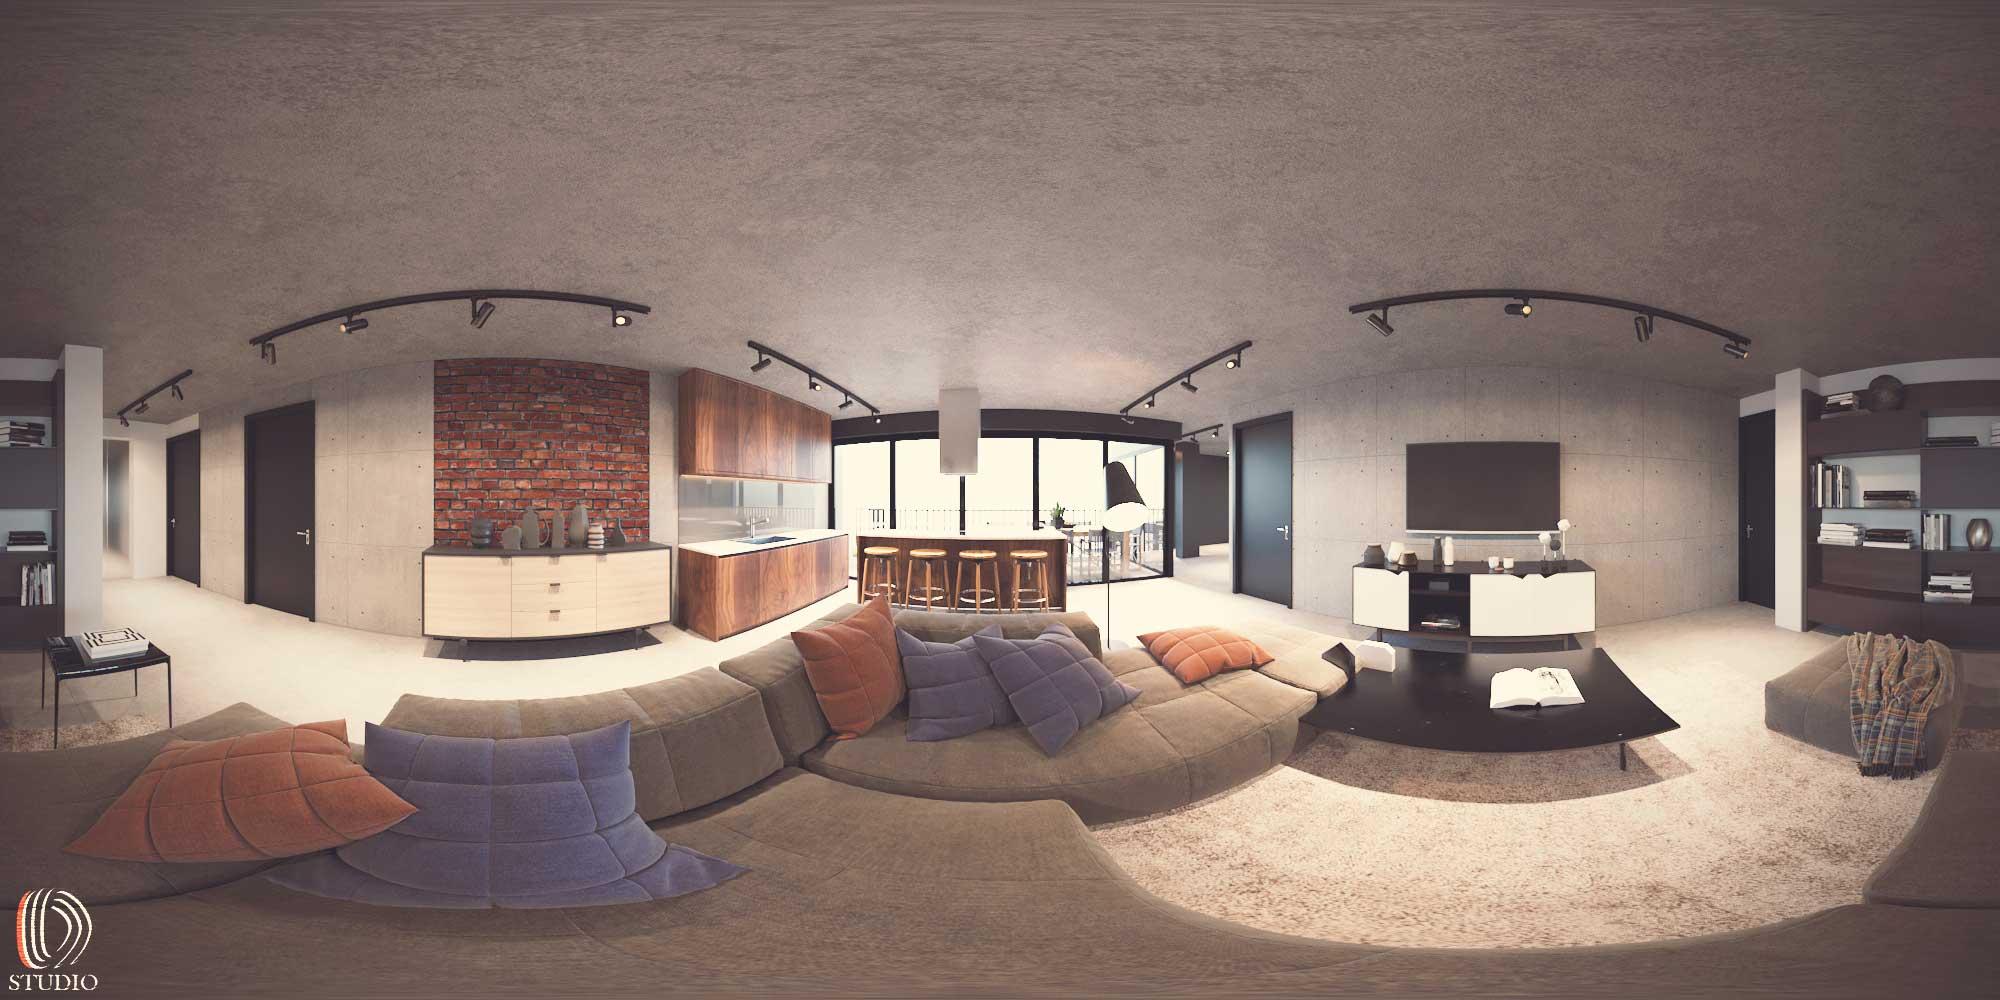 795-02-third-floor-(living-room)-360